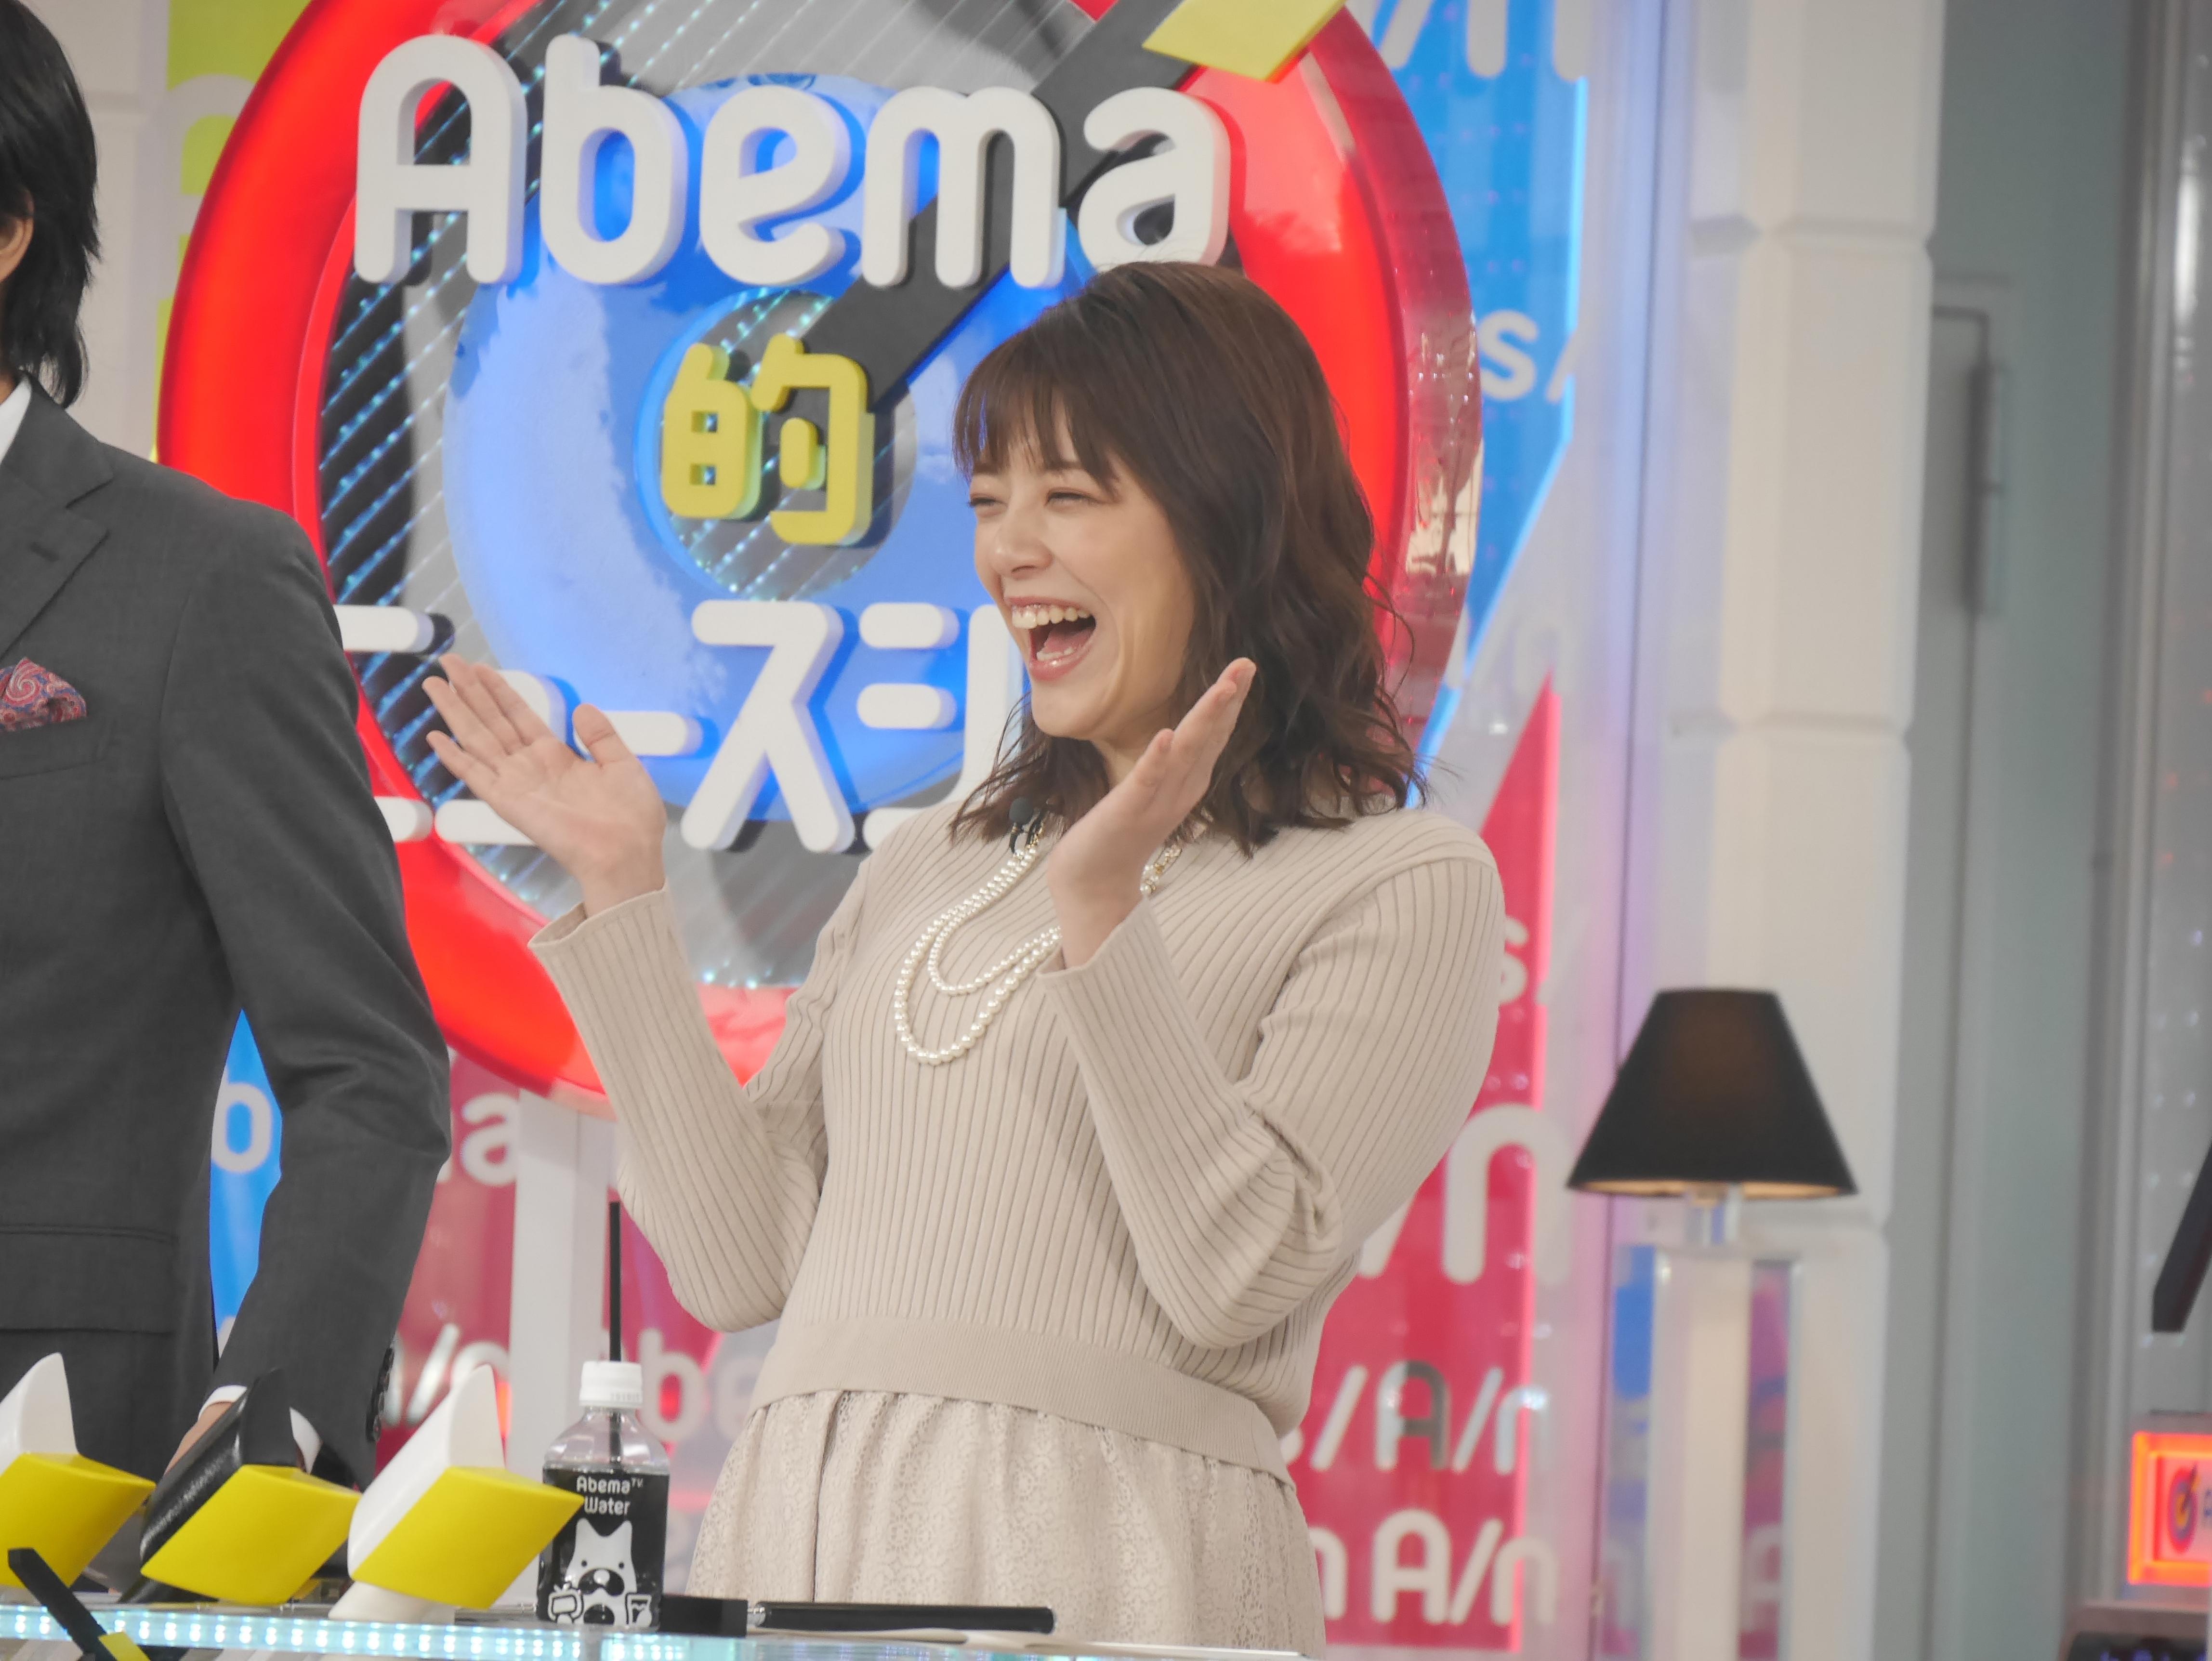 テレビ朝日女性アナウンサー・三谷紬さんのテレビキャプチャー画像-127